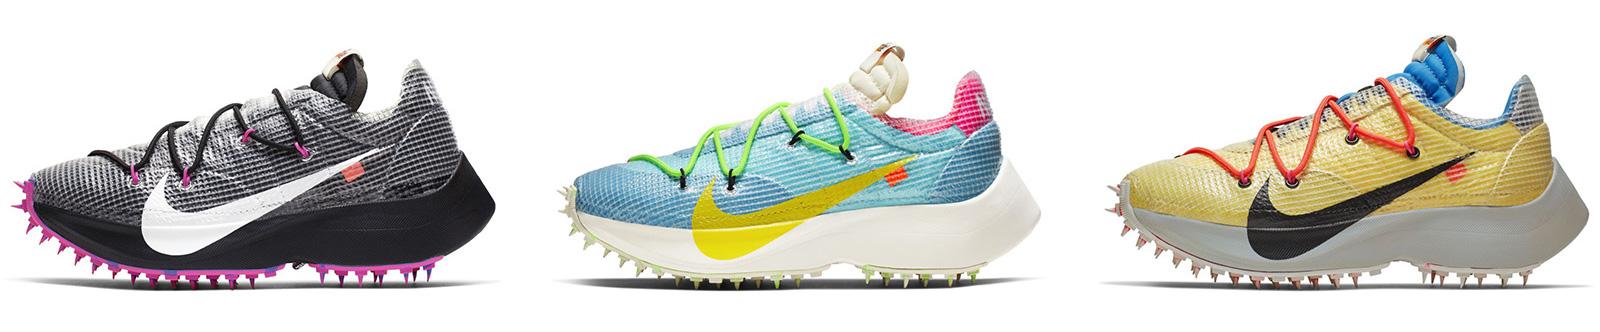 Off-White™ x Nike Vapor Street